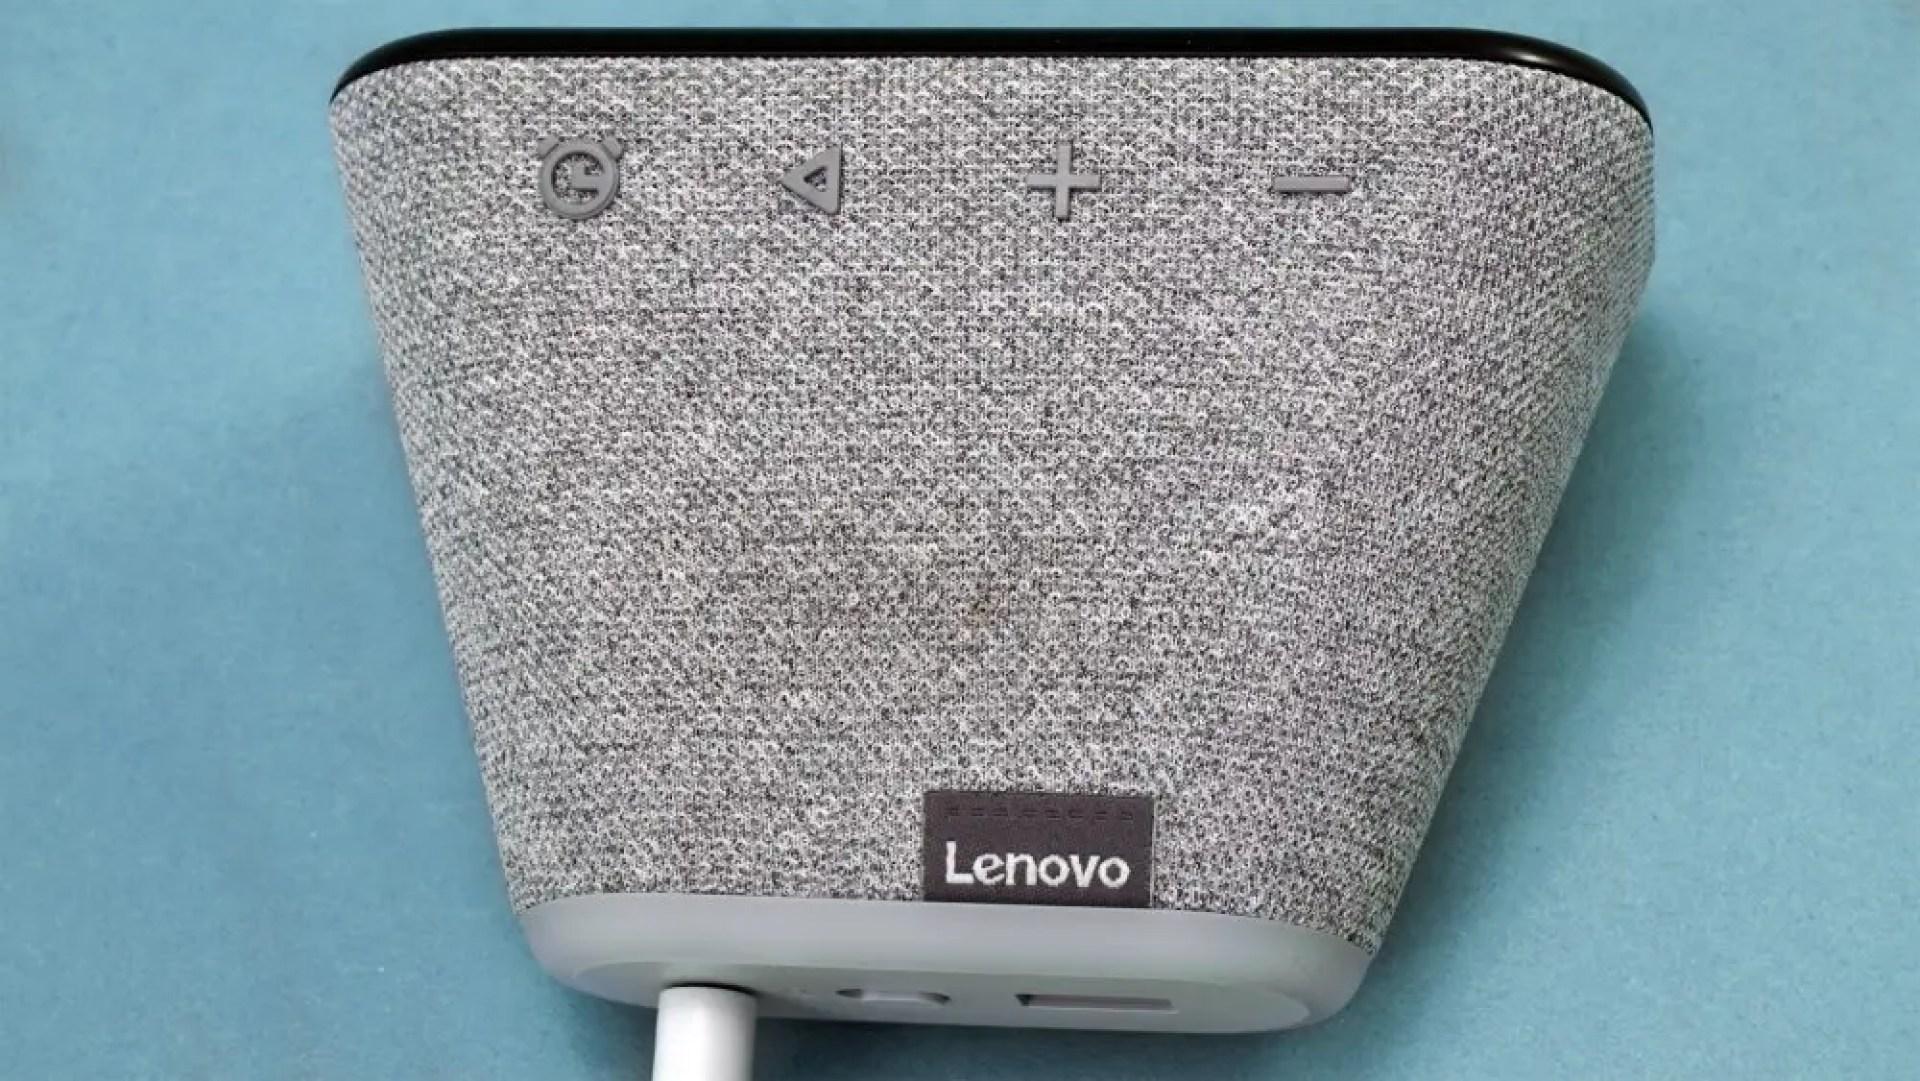 Lenovo Smart Clock Essential buttons